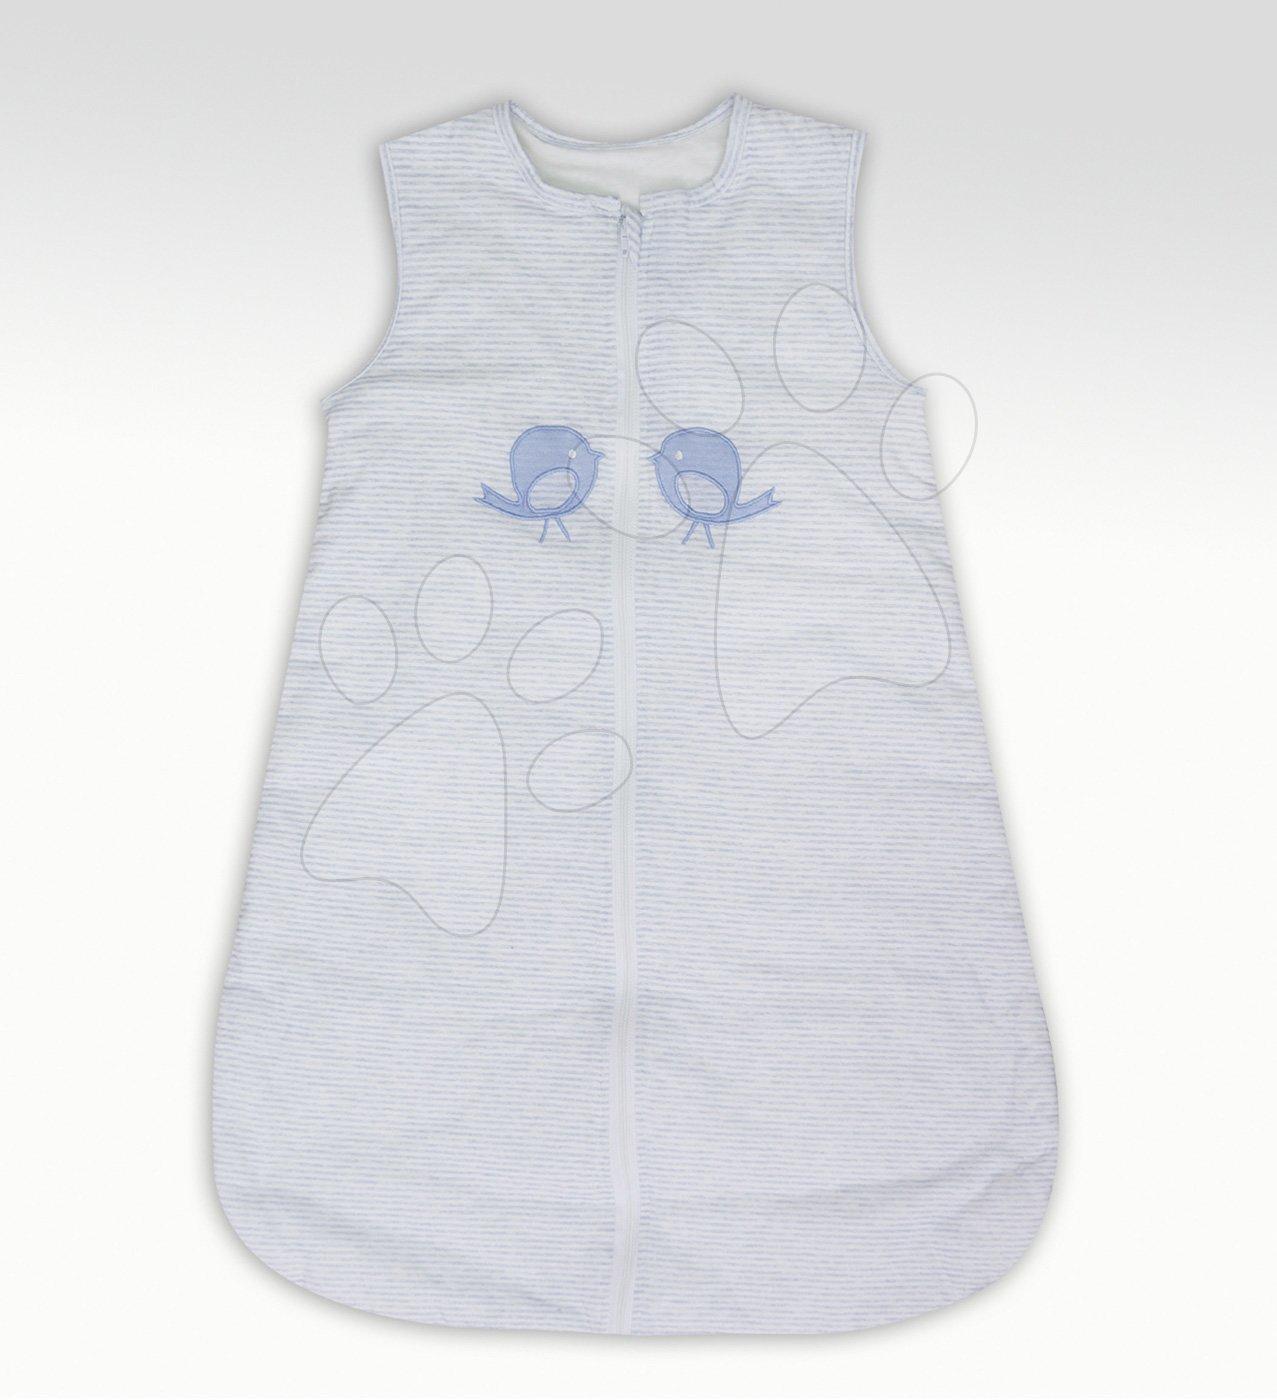 18b83d614 Spací vak pre bábätká Classic toTs-smarTrike vtáčiky 100% jersey bavlna  modrý od 0